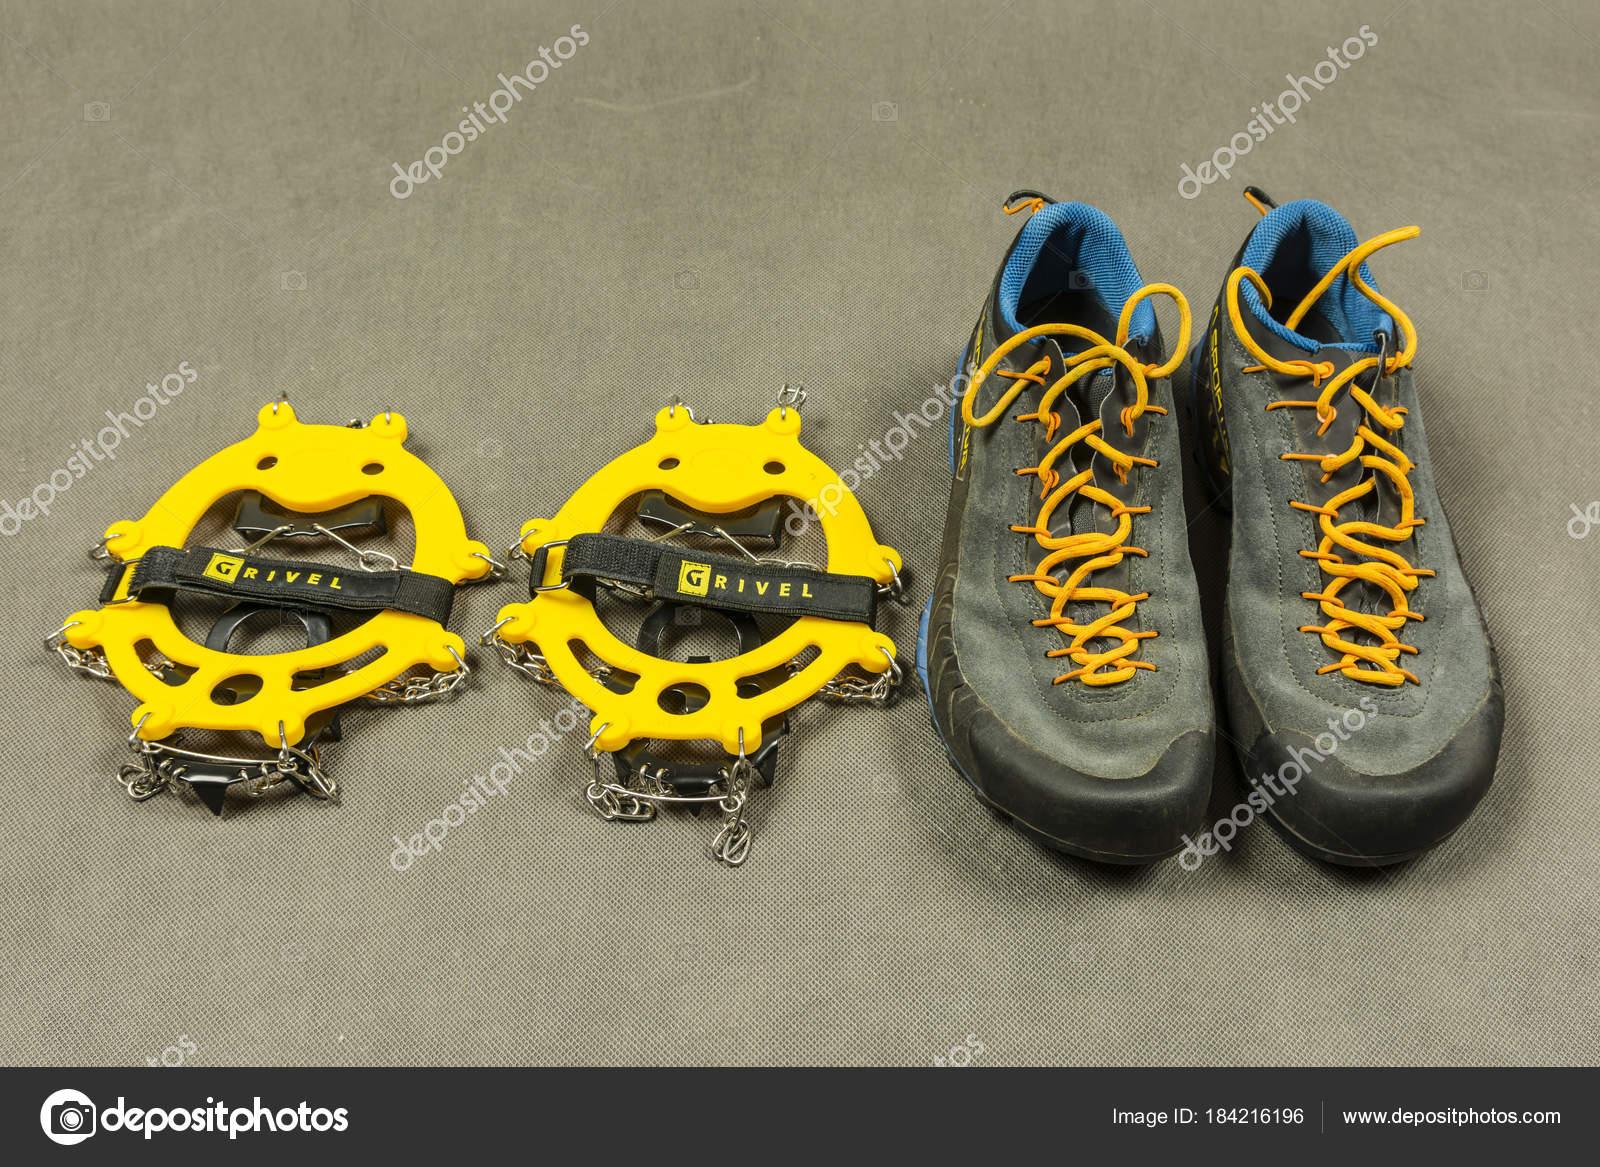 La presentazione approccio scarpe e ramponi antiscivolo– Fotografia  Editoriale Stock 212c2d1a566